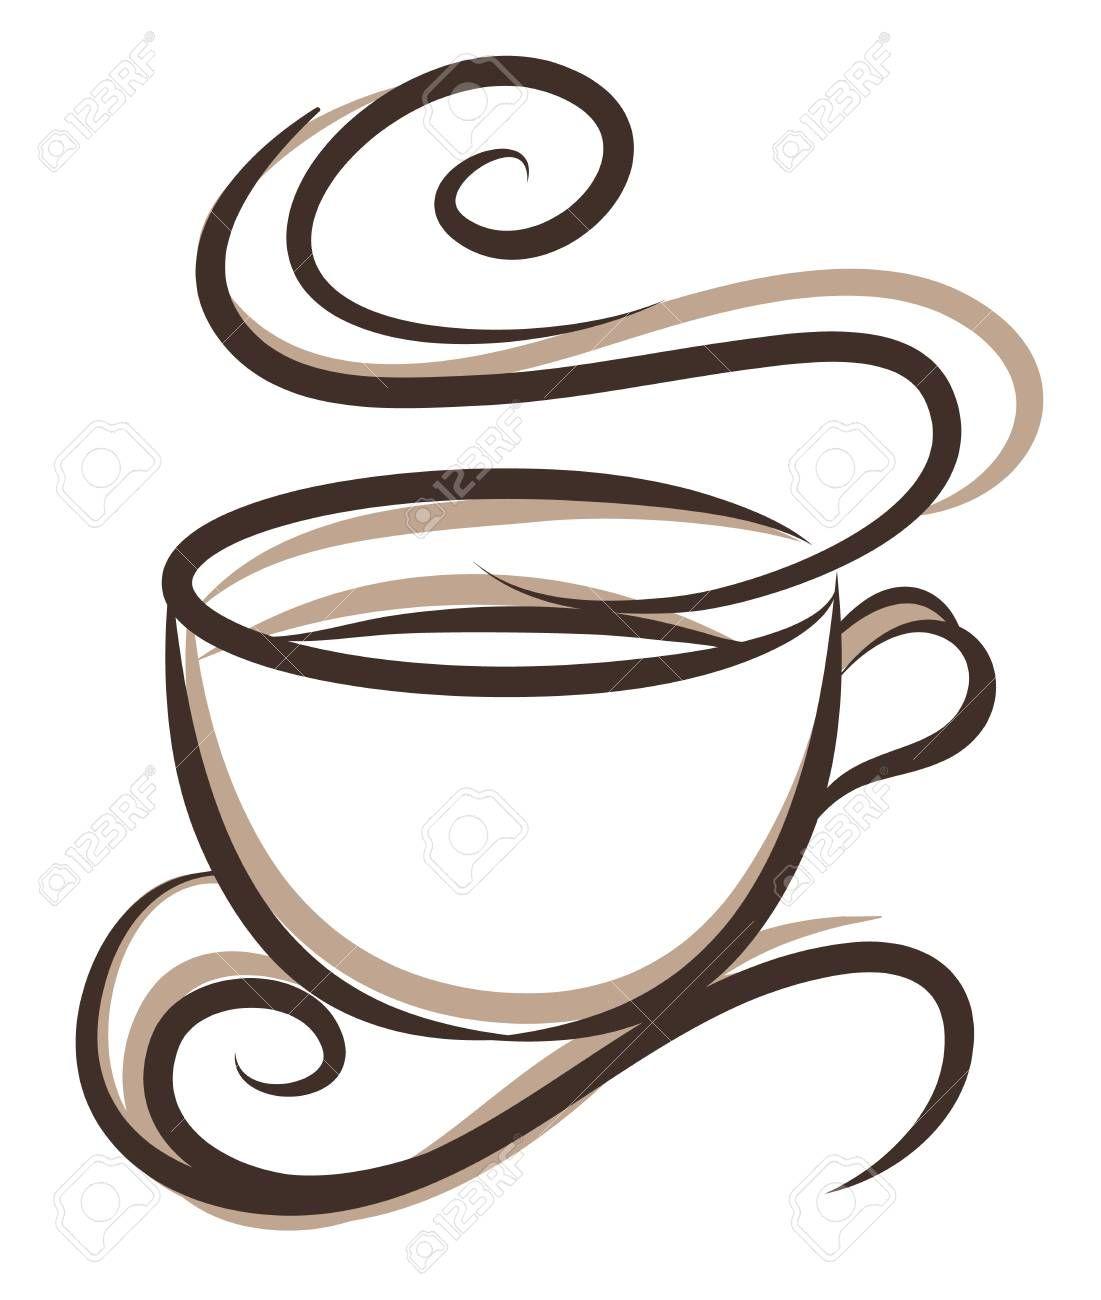 最高の壁紙 トップコレクション コーヒー の イラスト コーヒーのイラスト イラスト おしゃれな 絵